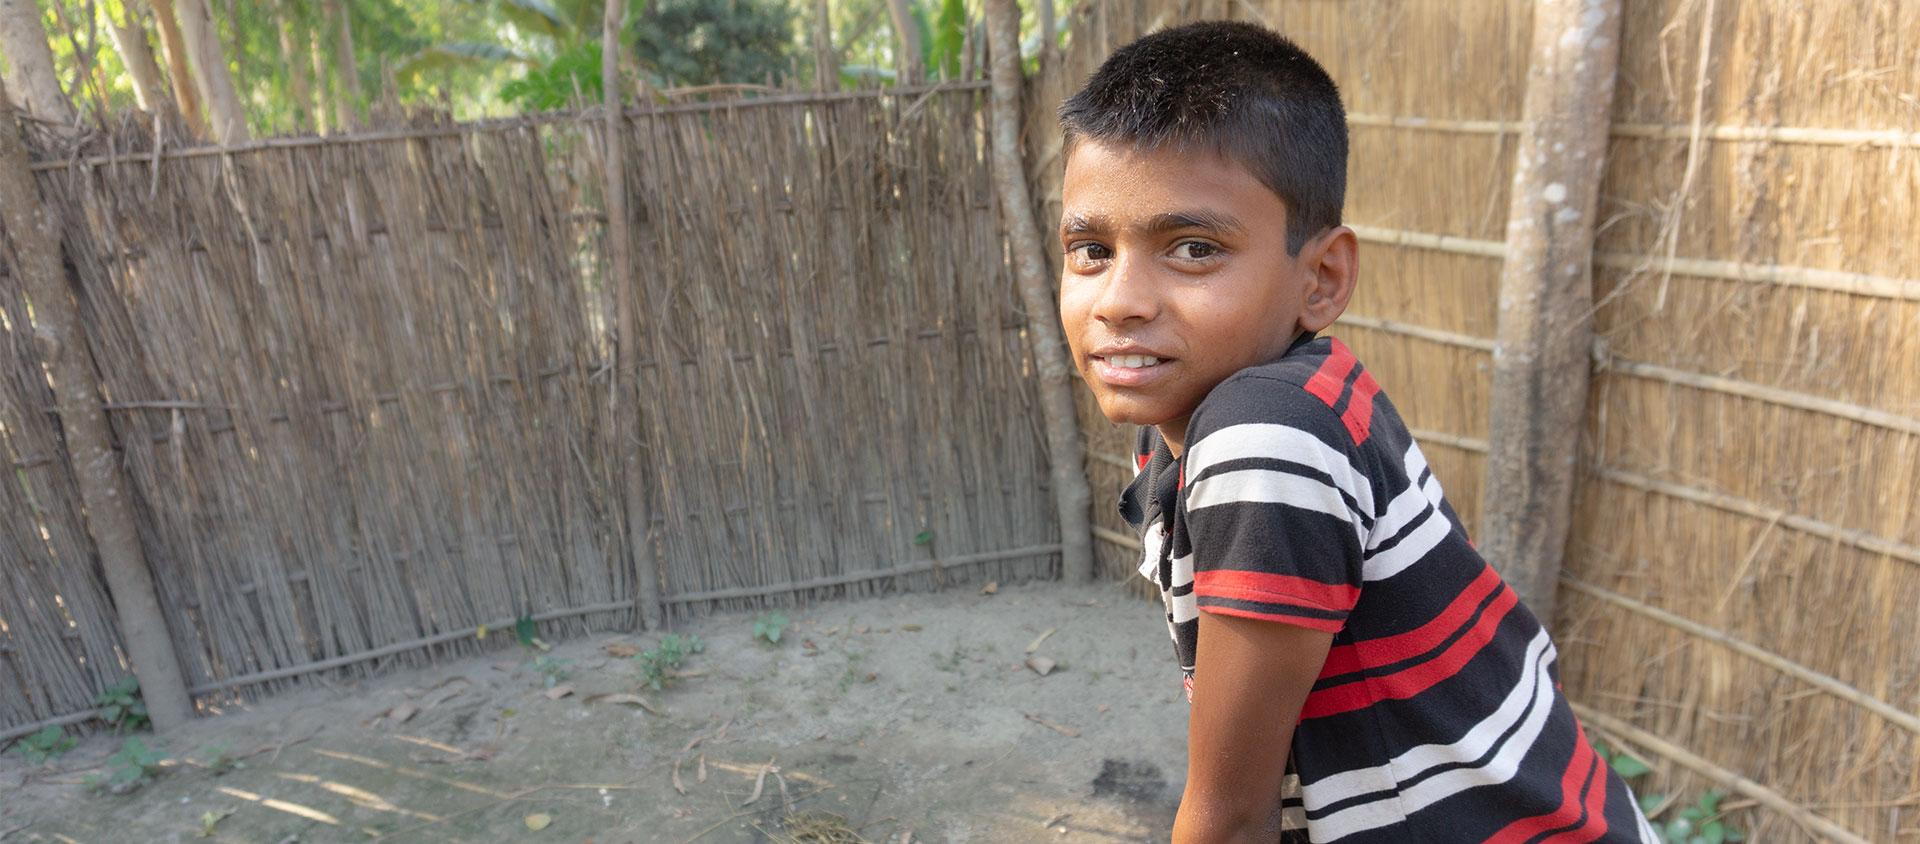 Asadul bor på en ö i en flod i Bangladesh